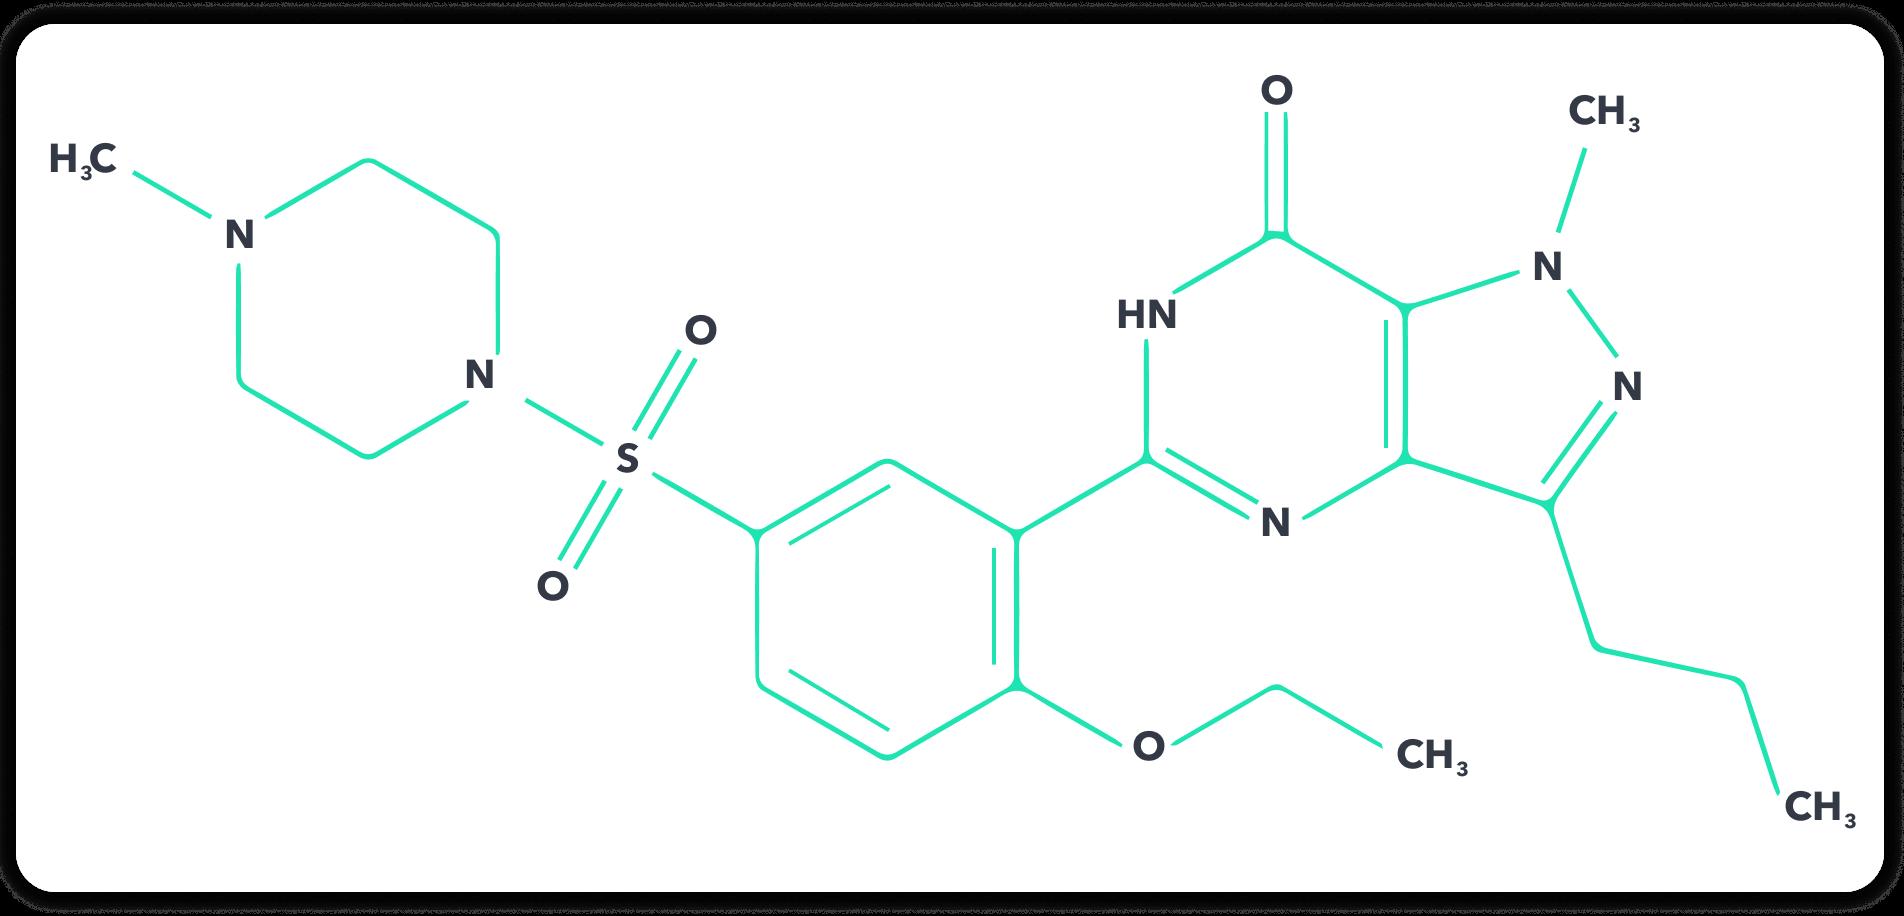 Der chemische Aufbau von Sildenafil | Quelle: gelbe-liste.de